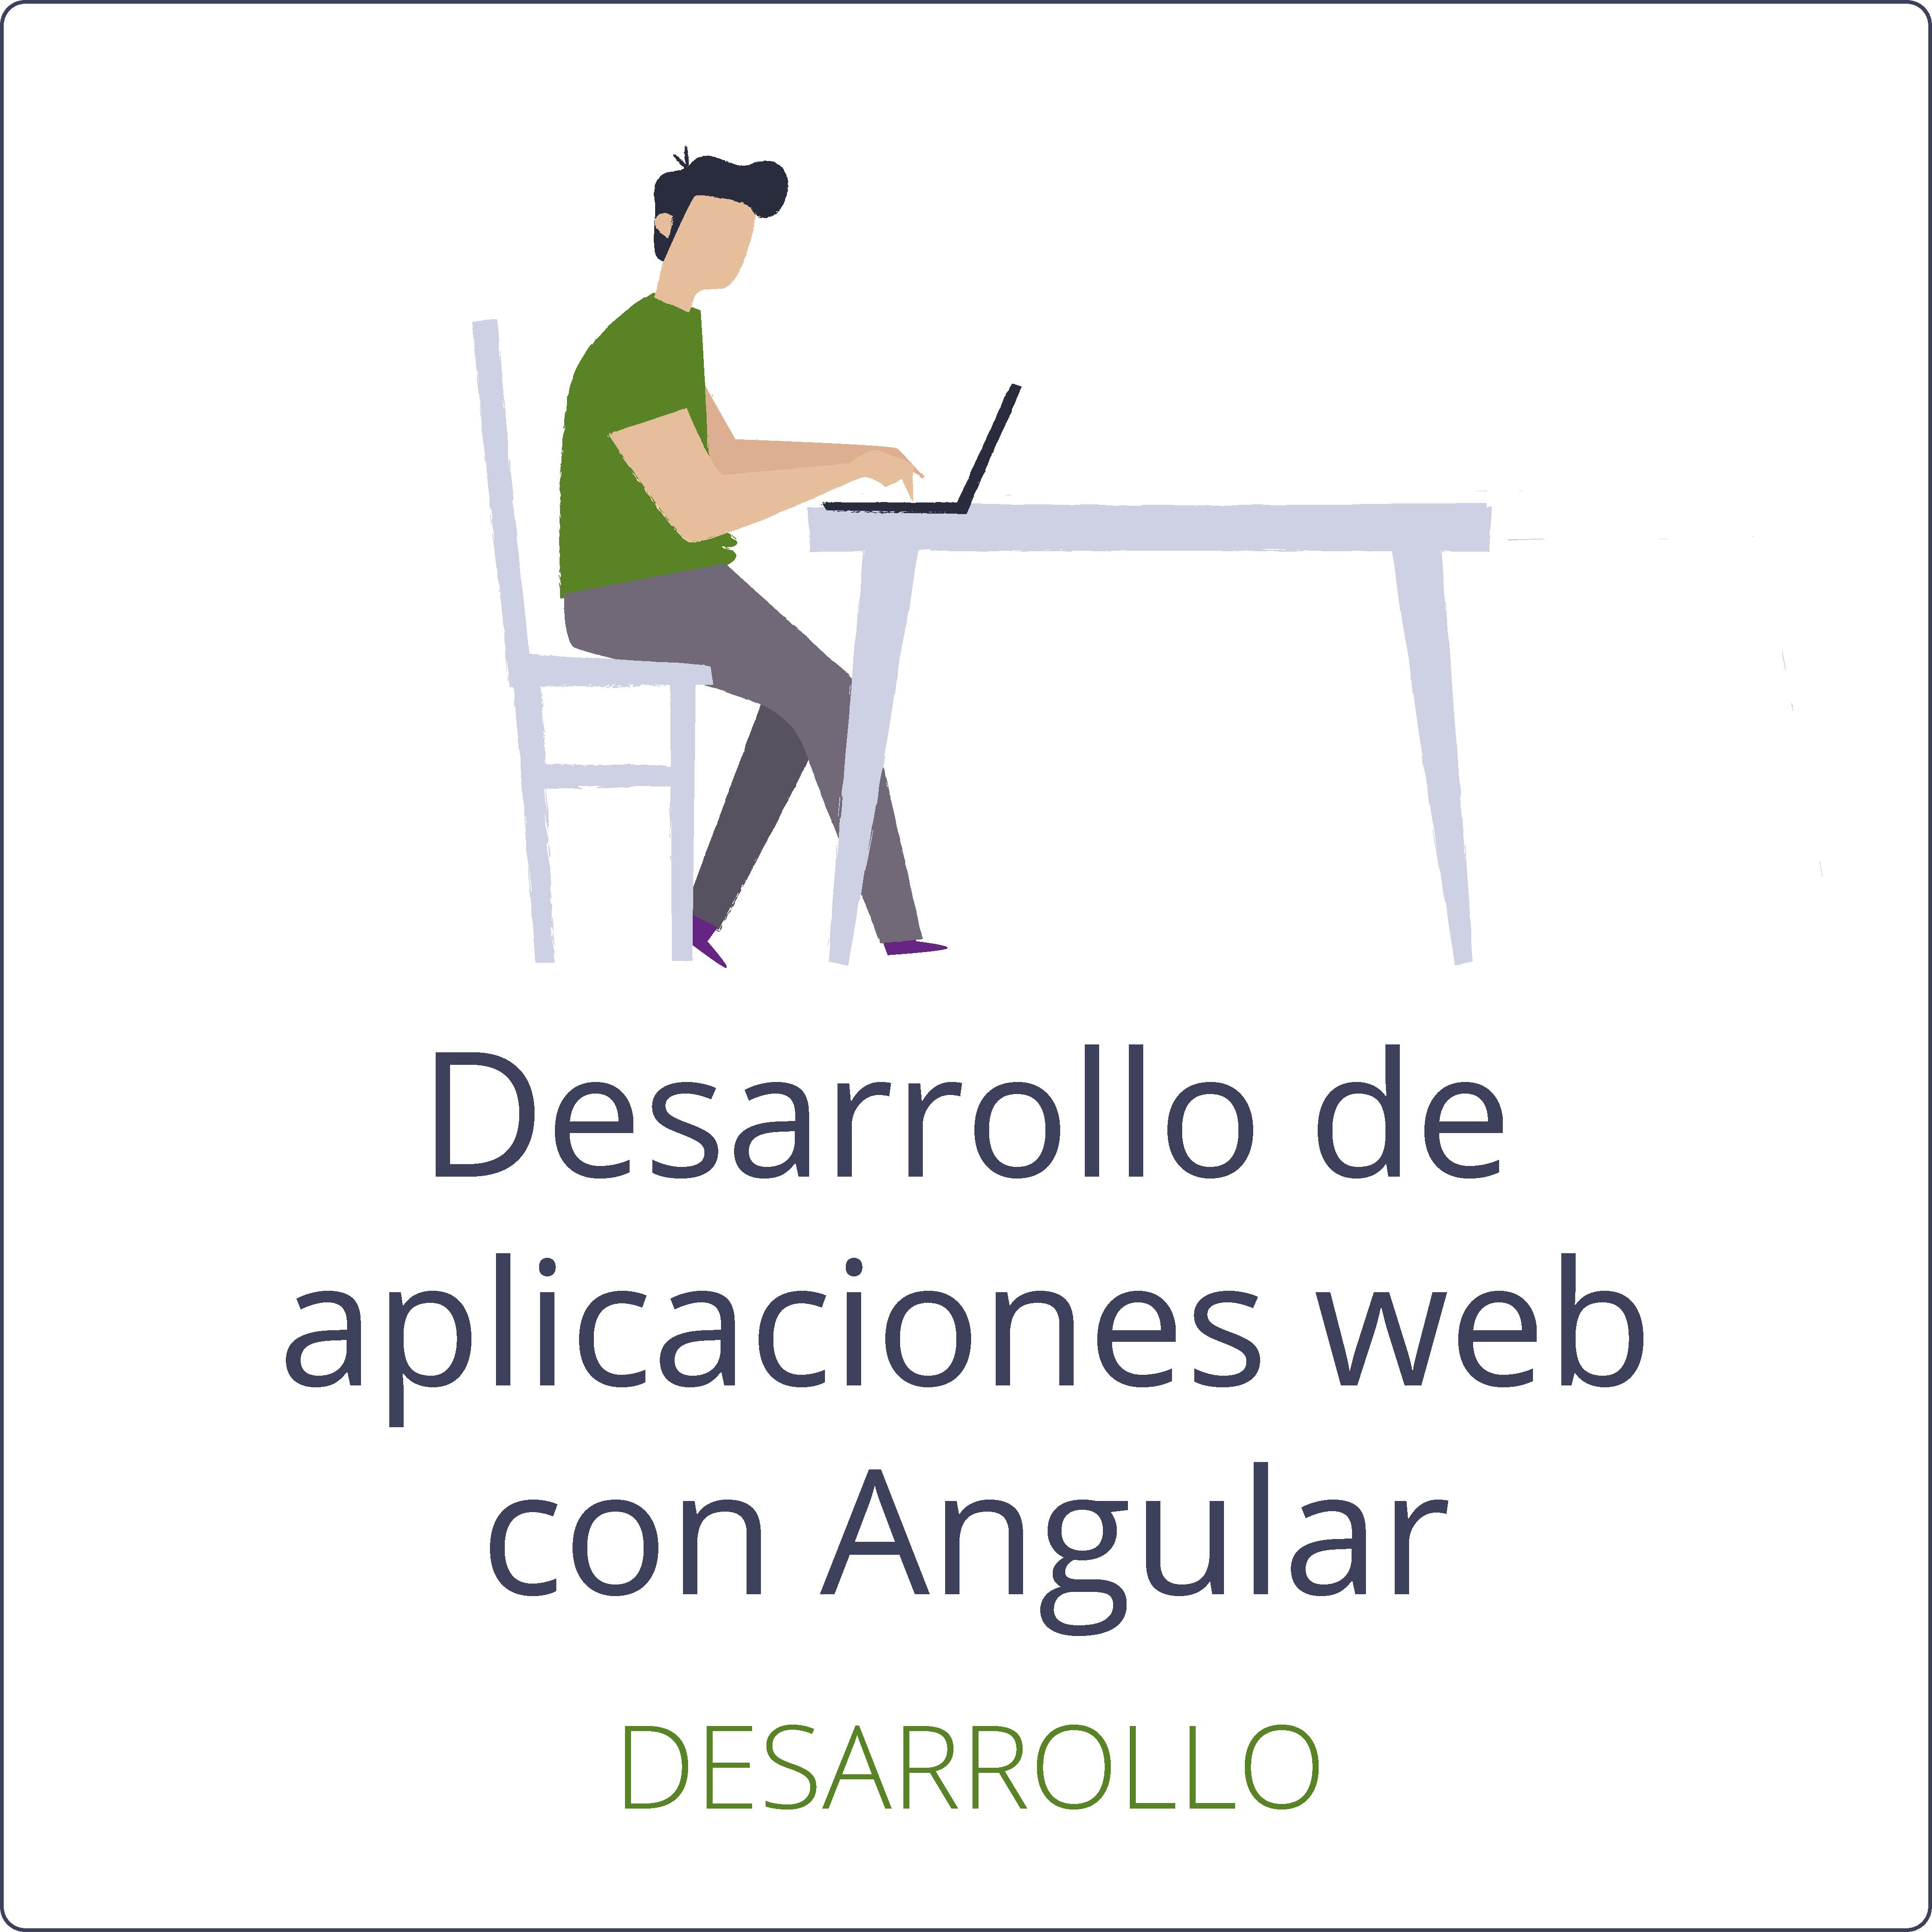 Desarrollo de aplicaciones web con Angular